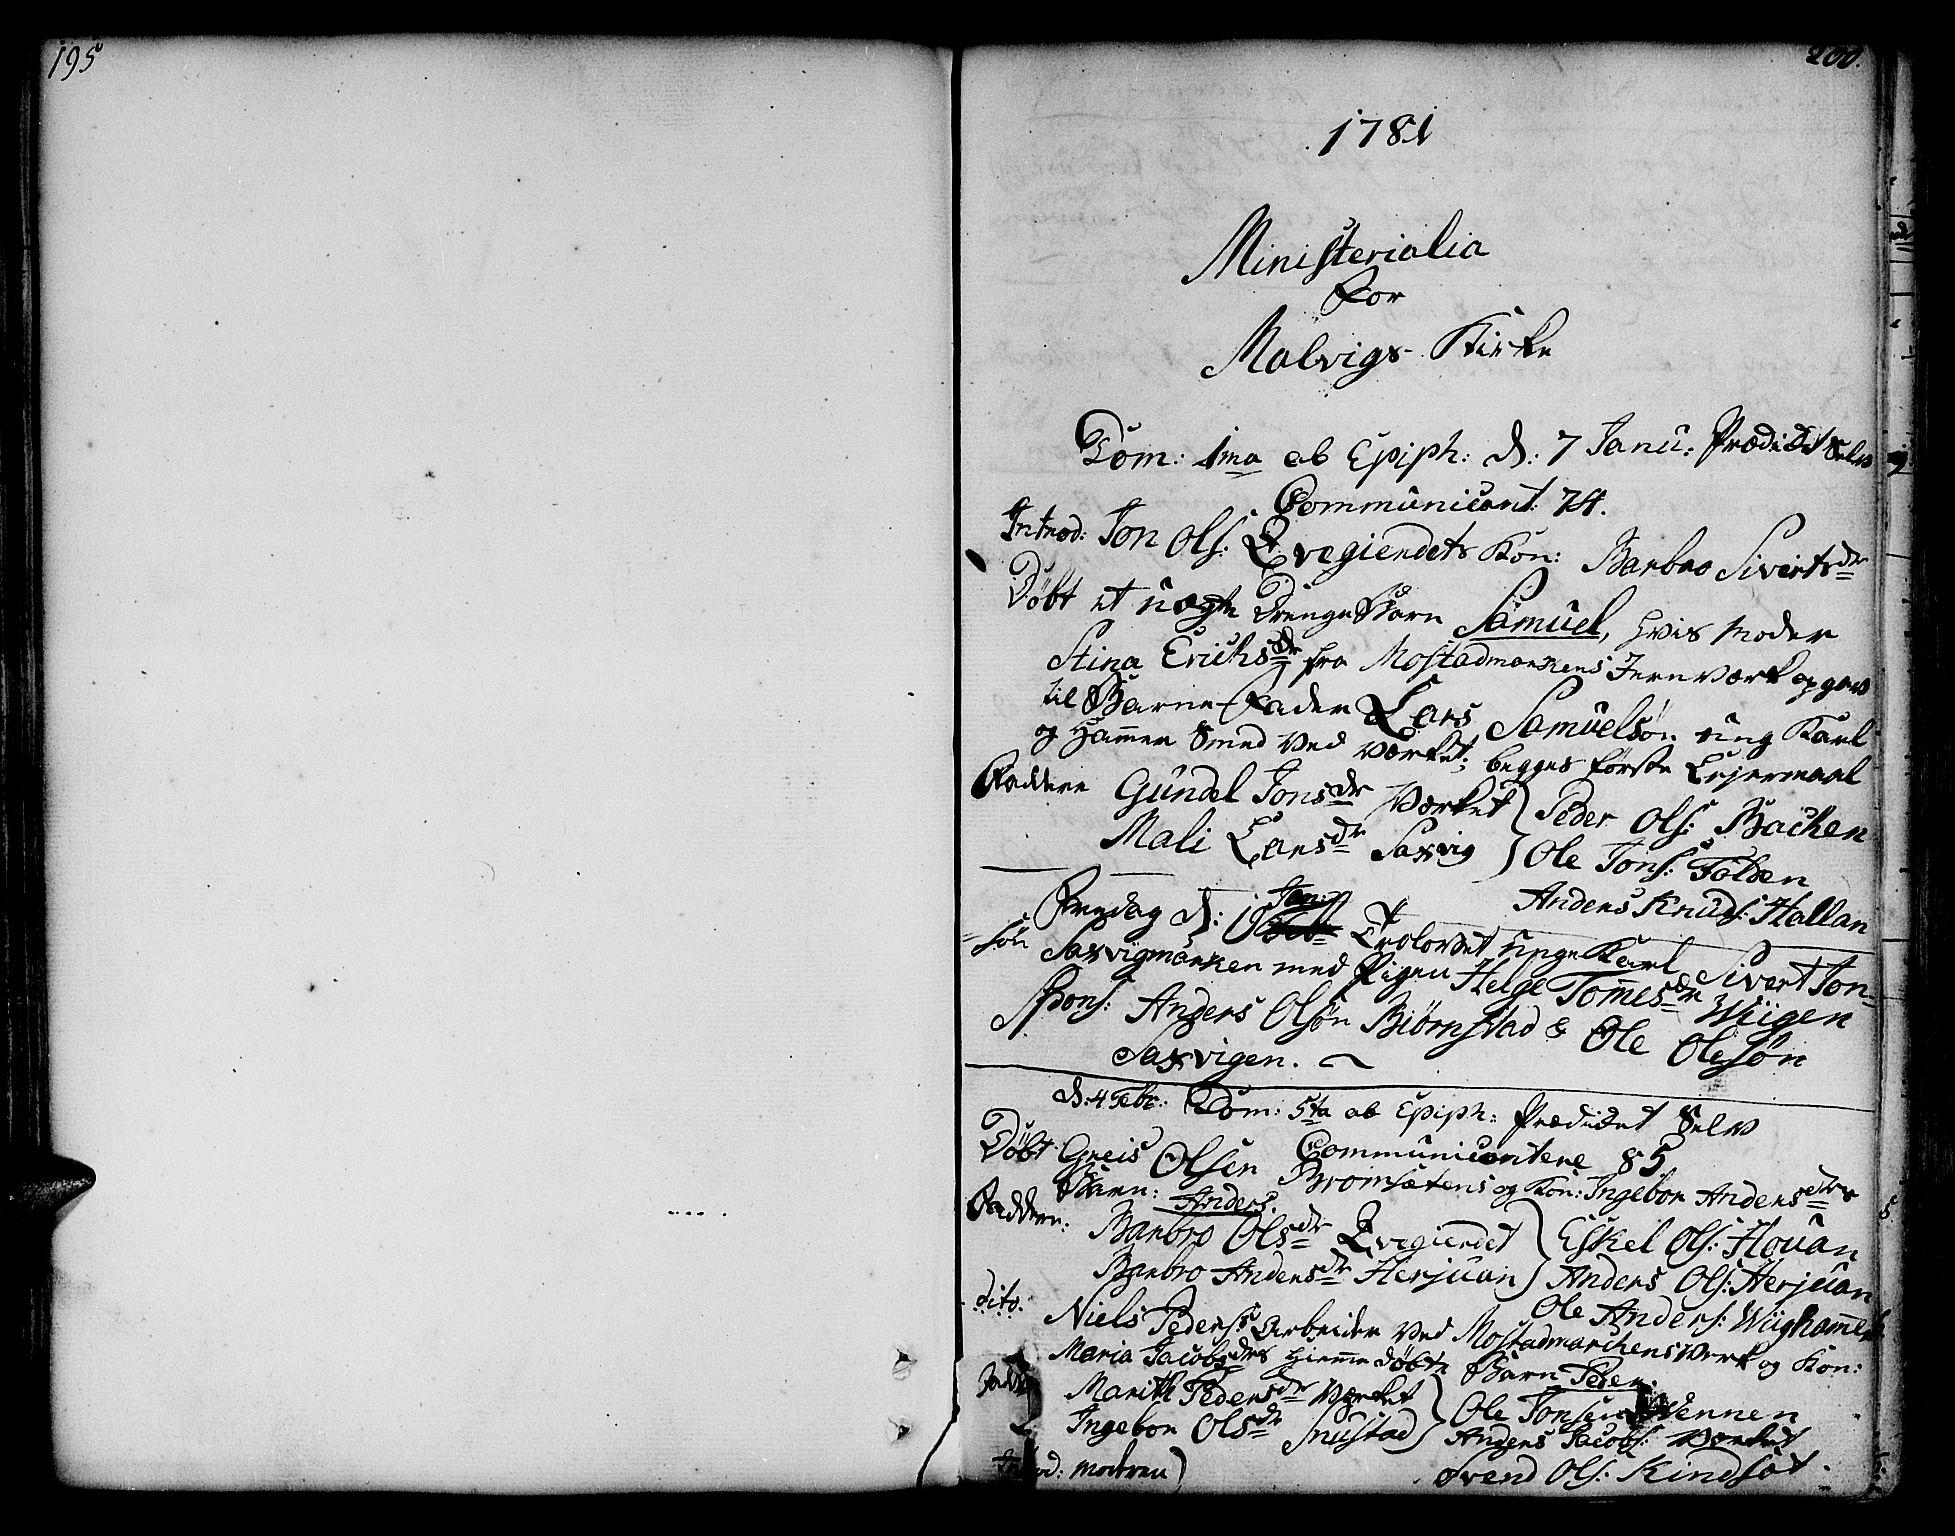 SAT, Ministerialprotokoller, klokkerbøker og fødselsregistre - Sør-Trøndelag, 606/L0281: Ministerialbok nr. 606A02 /2, 1781-1817, s. 200